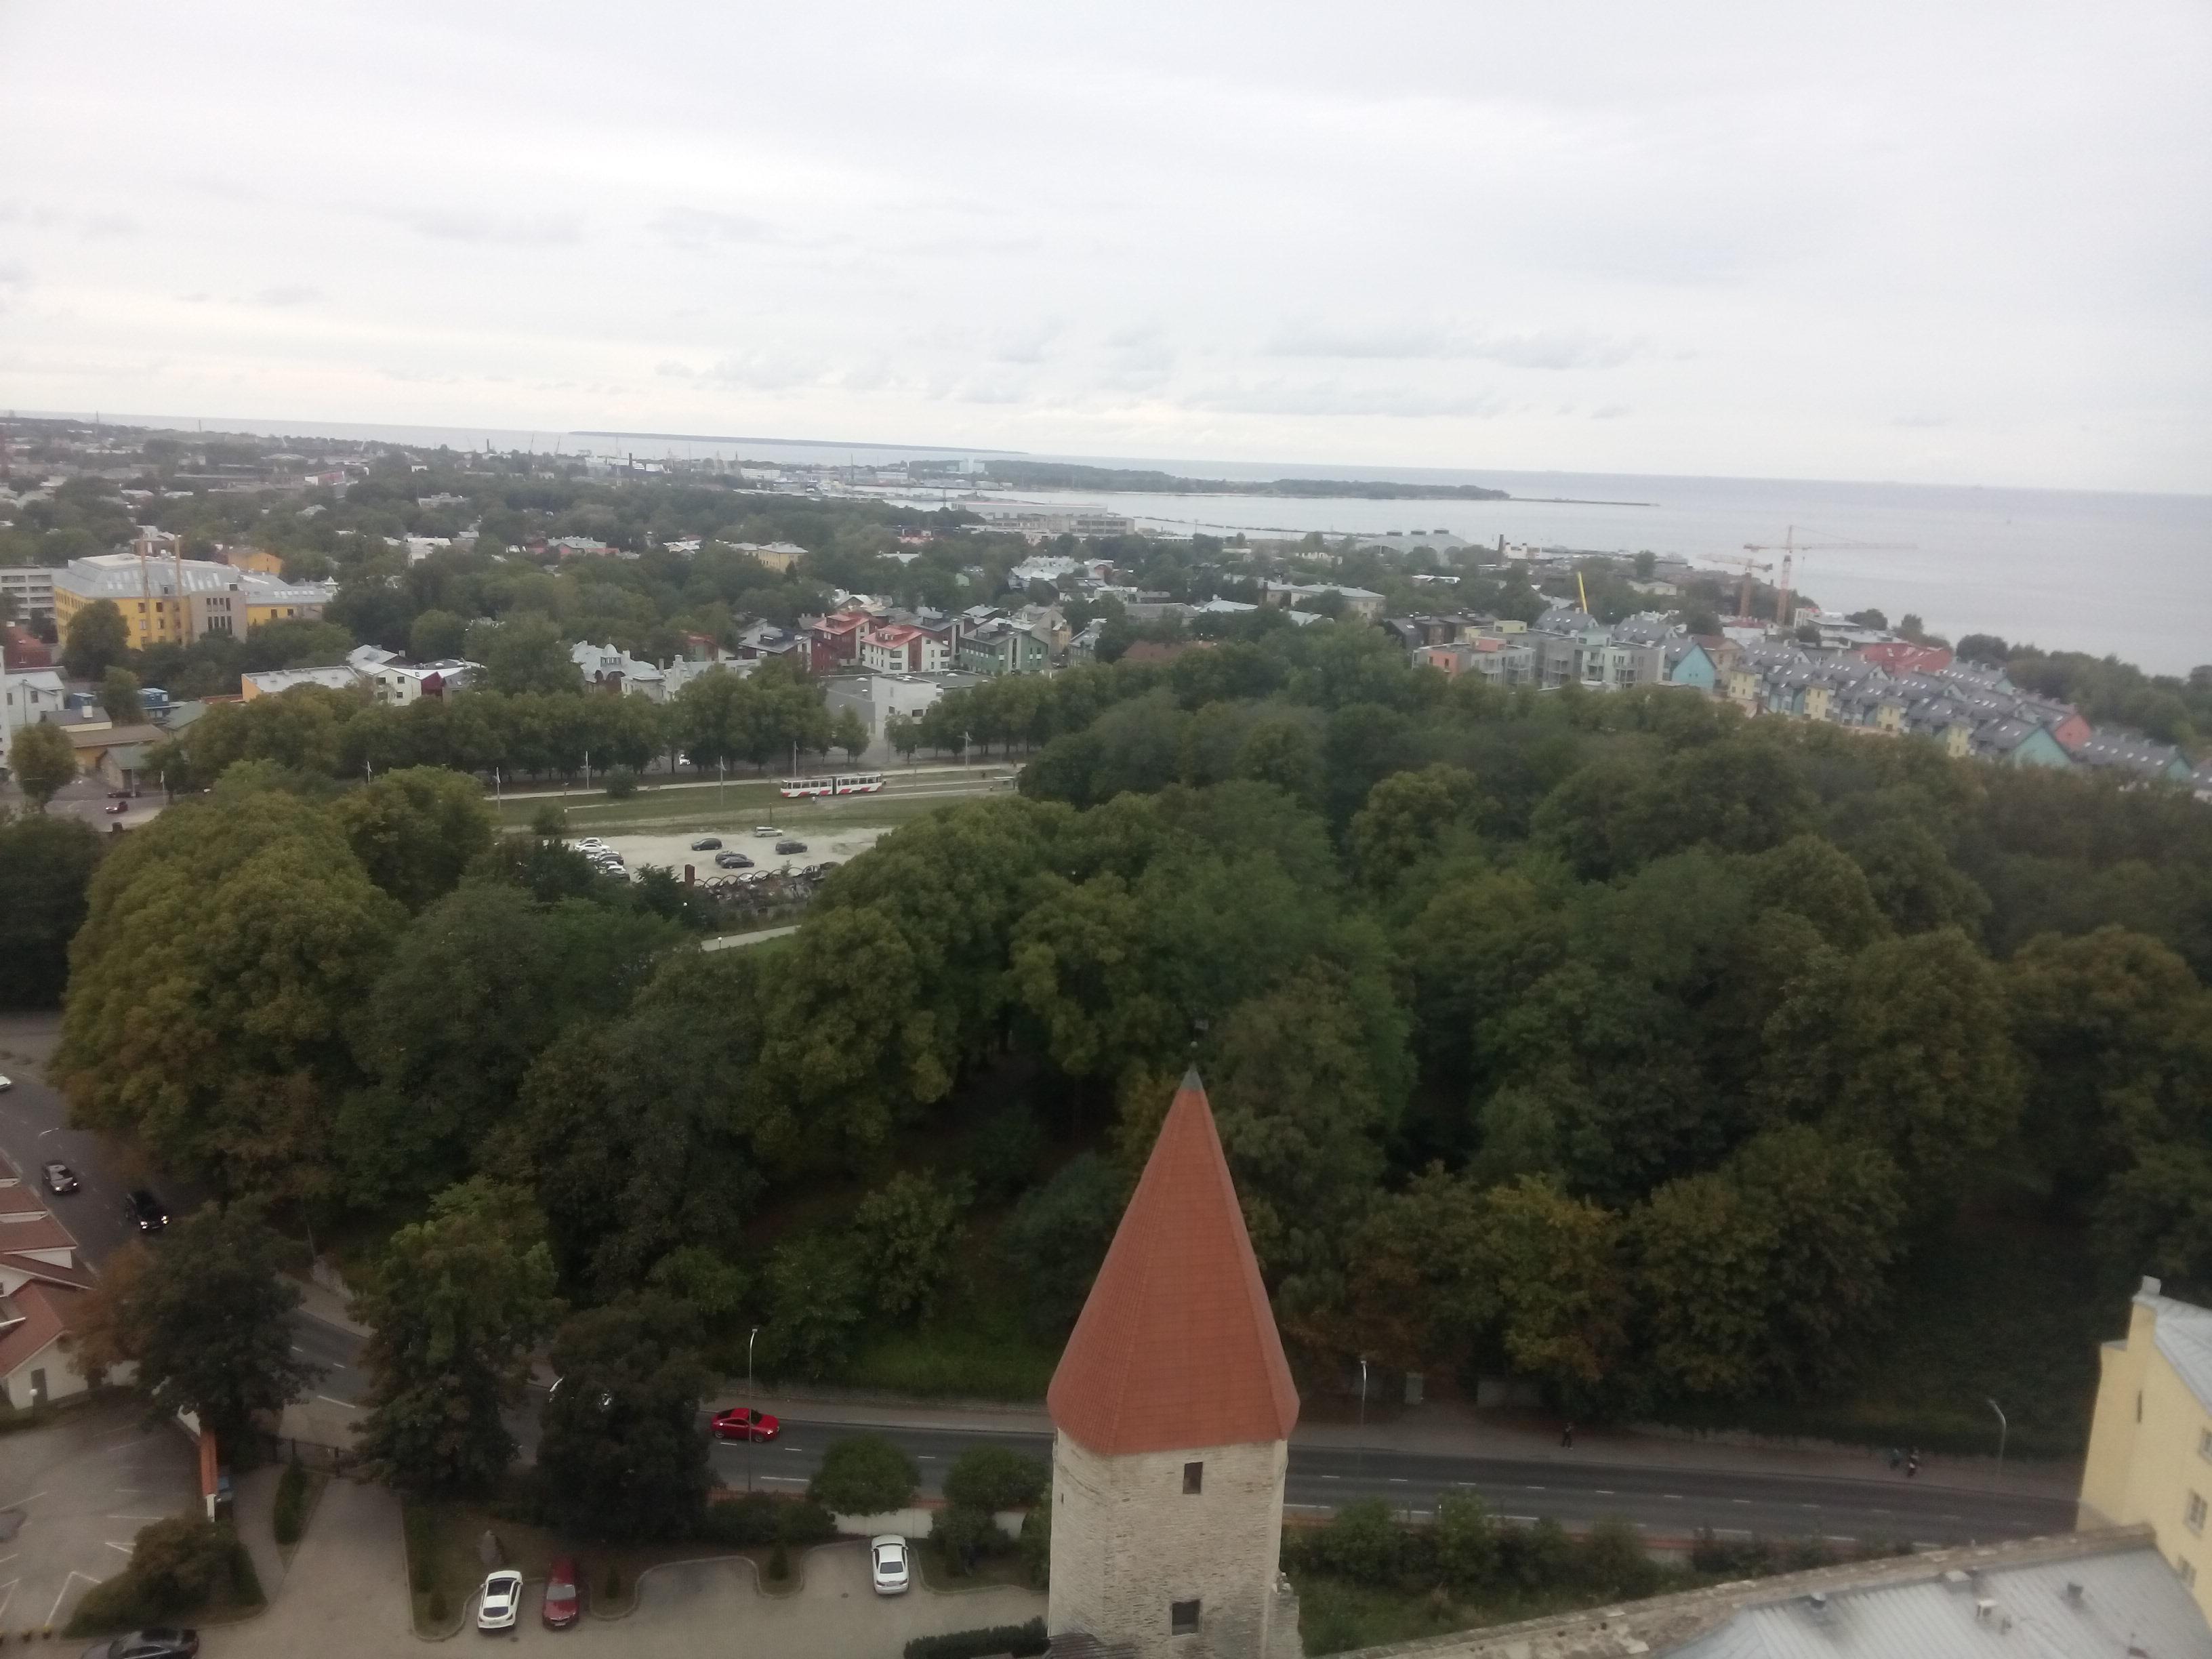 https://i.amy.gy/201808-estonia/IMG_20180825_172154.jpg